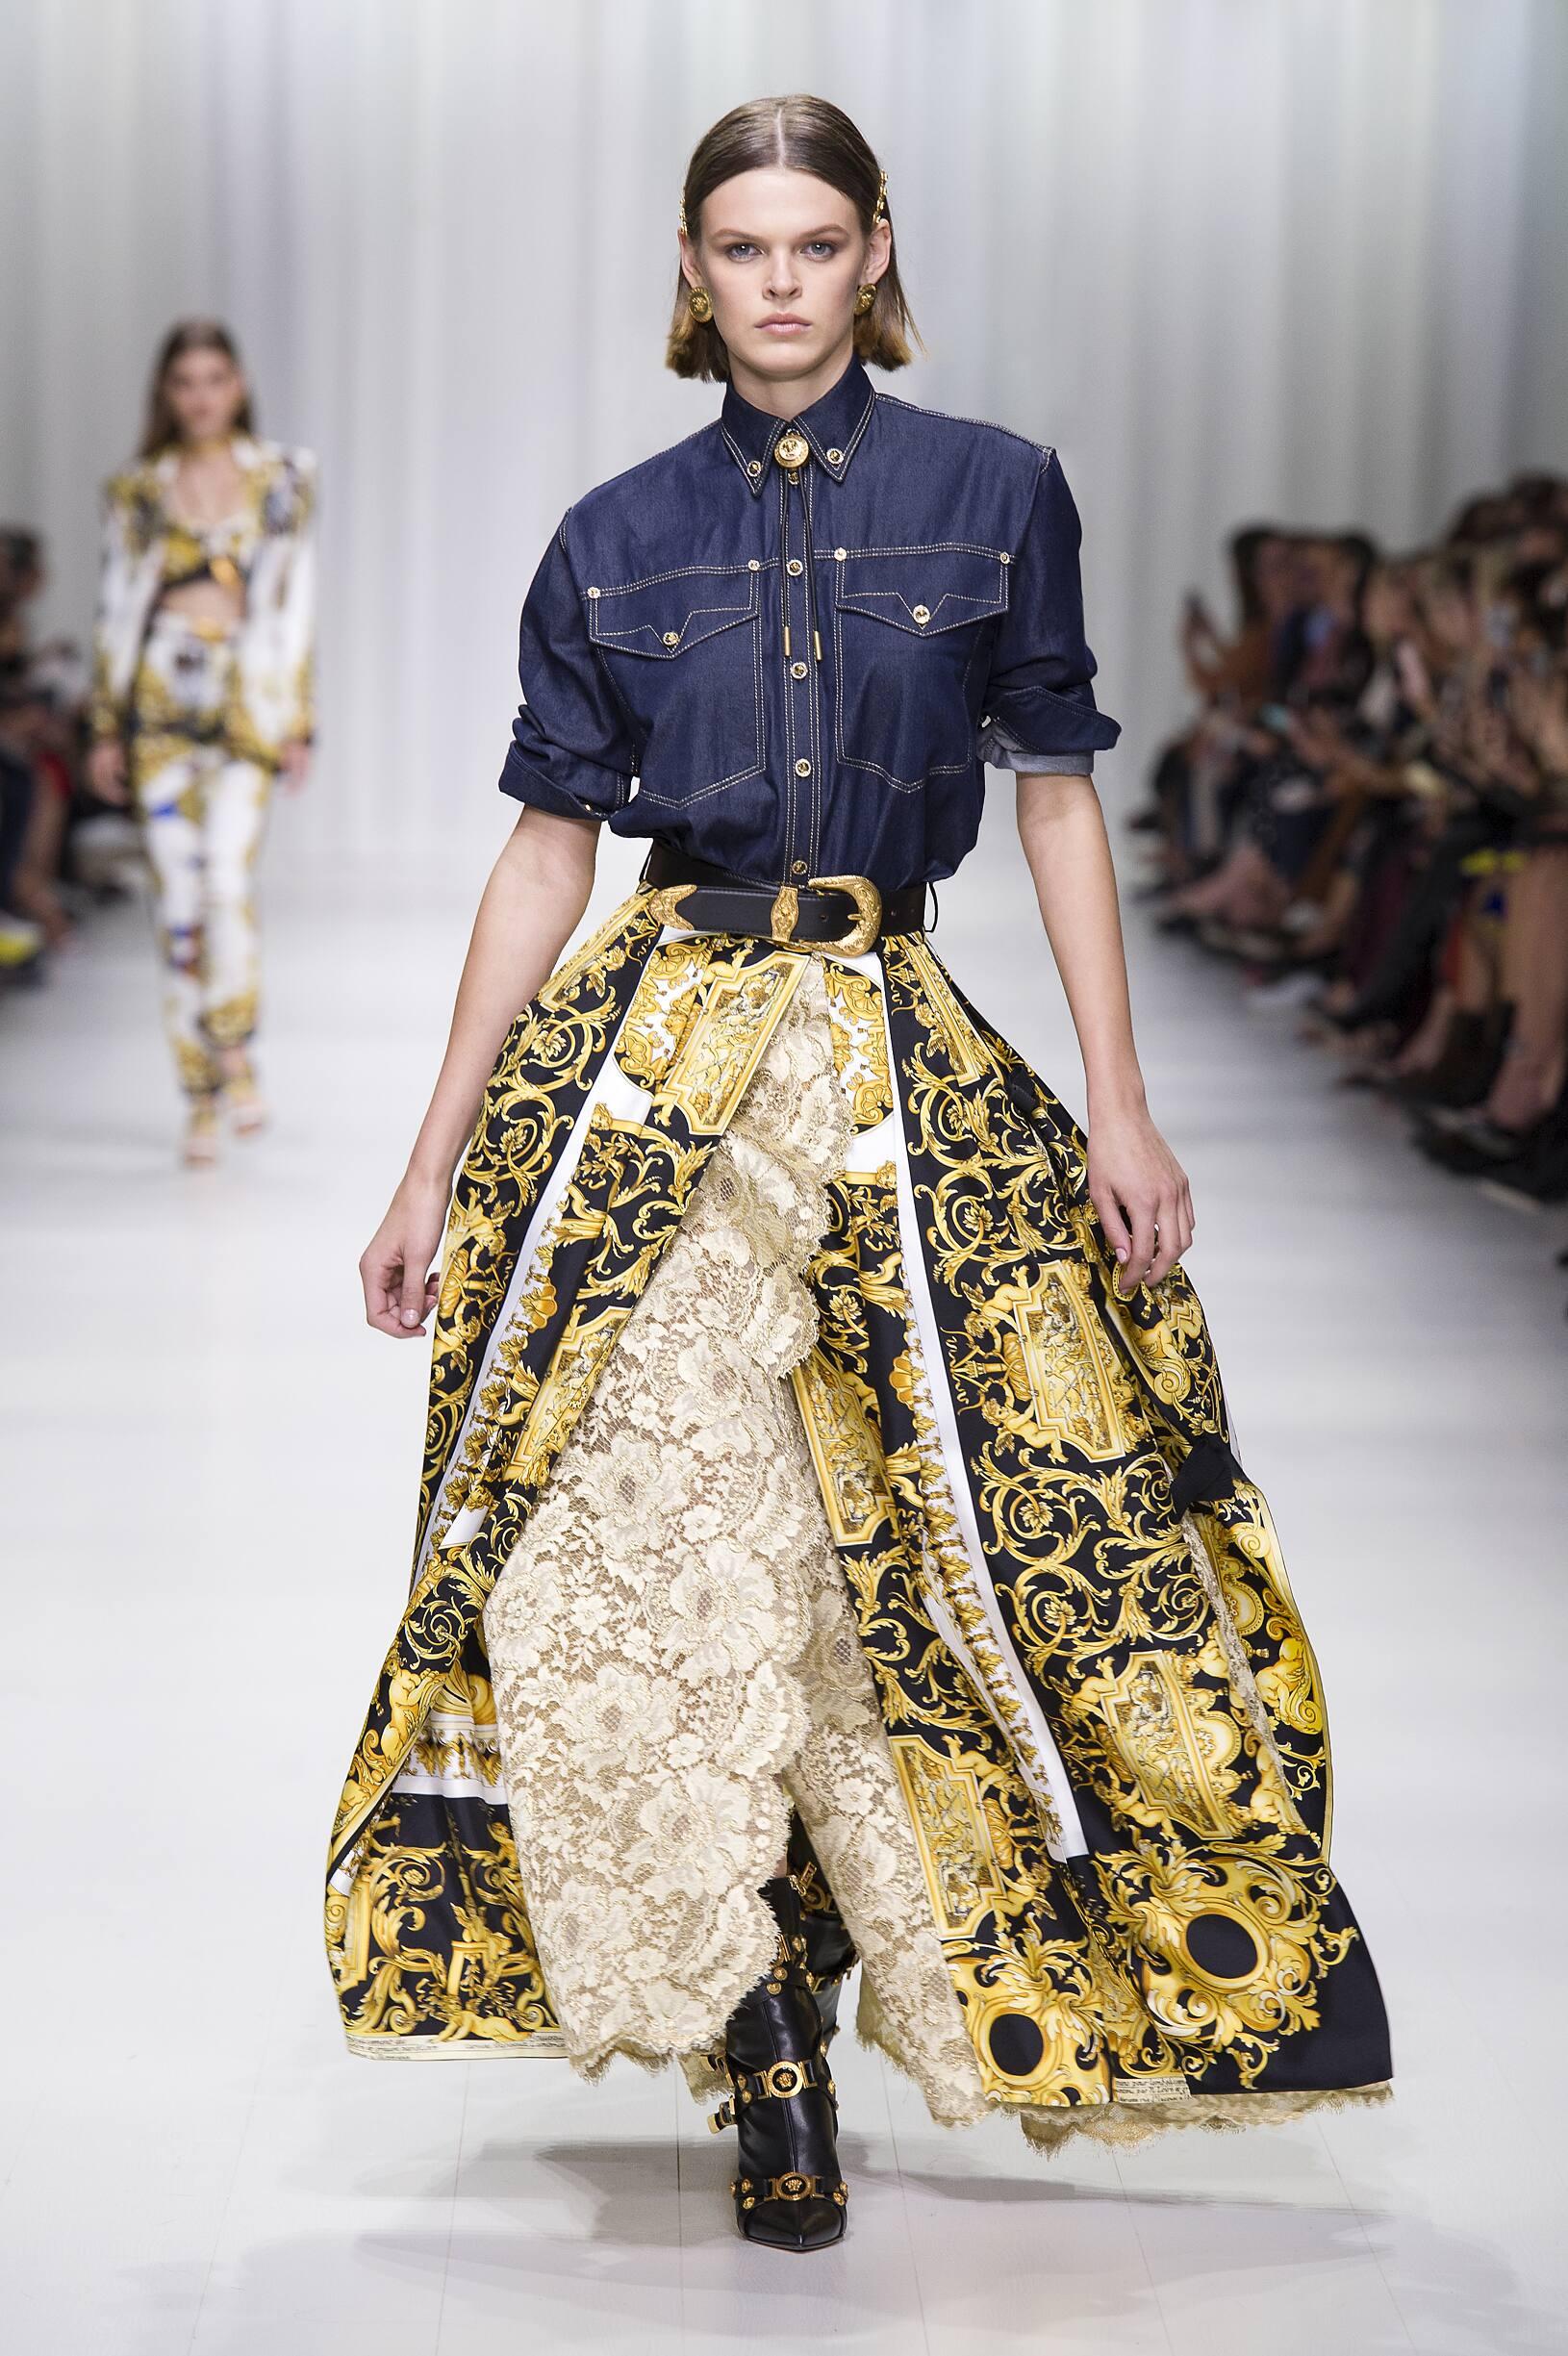 Versace SS 2018 Womenswear